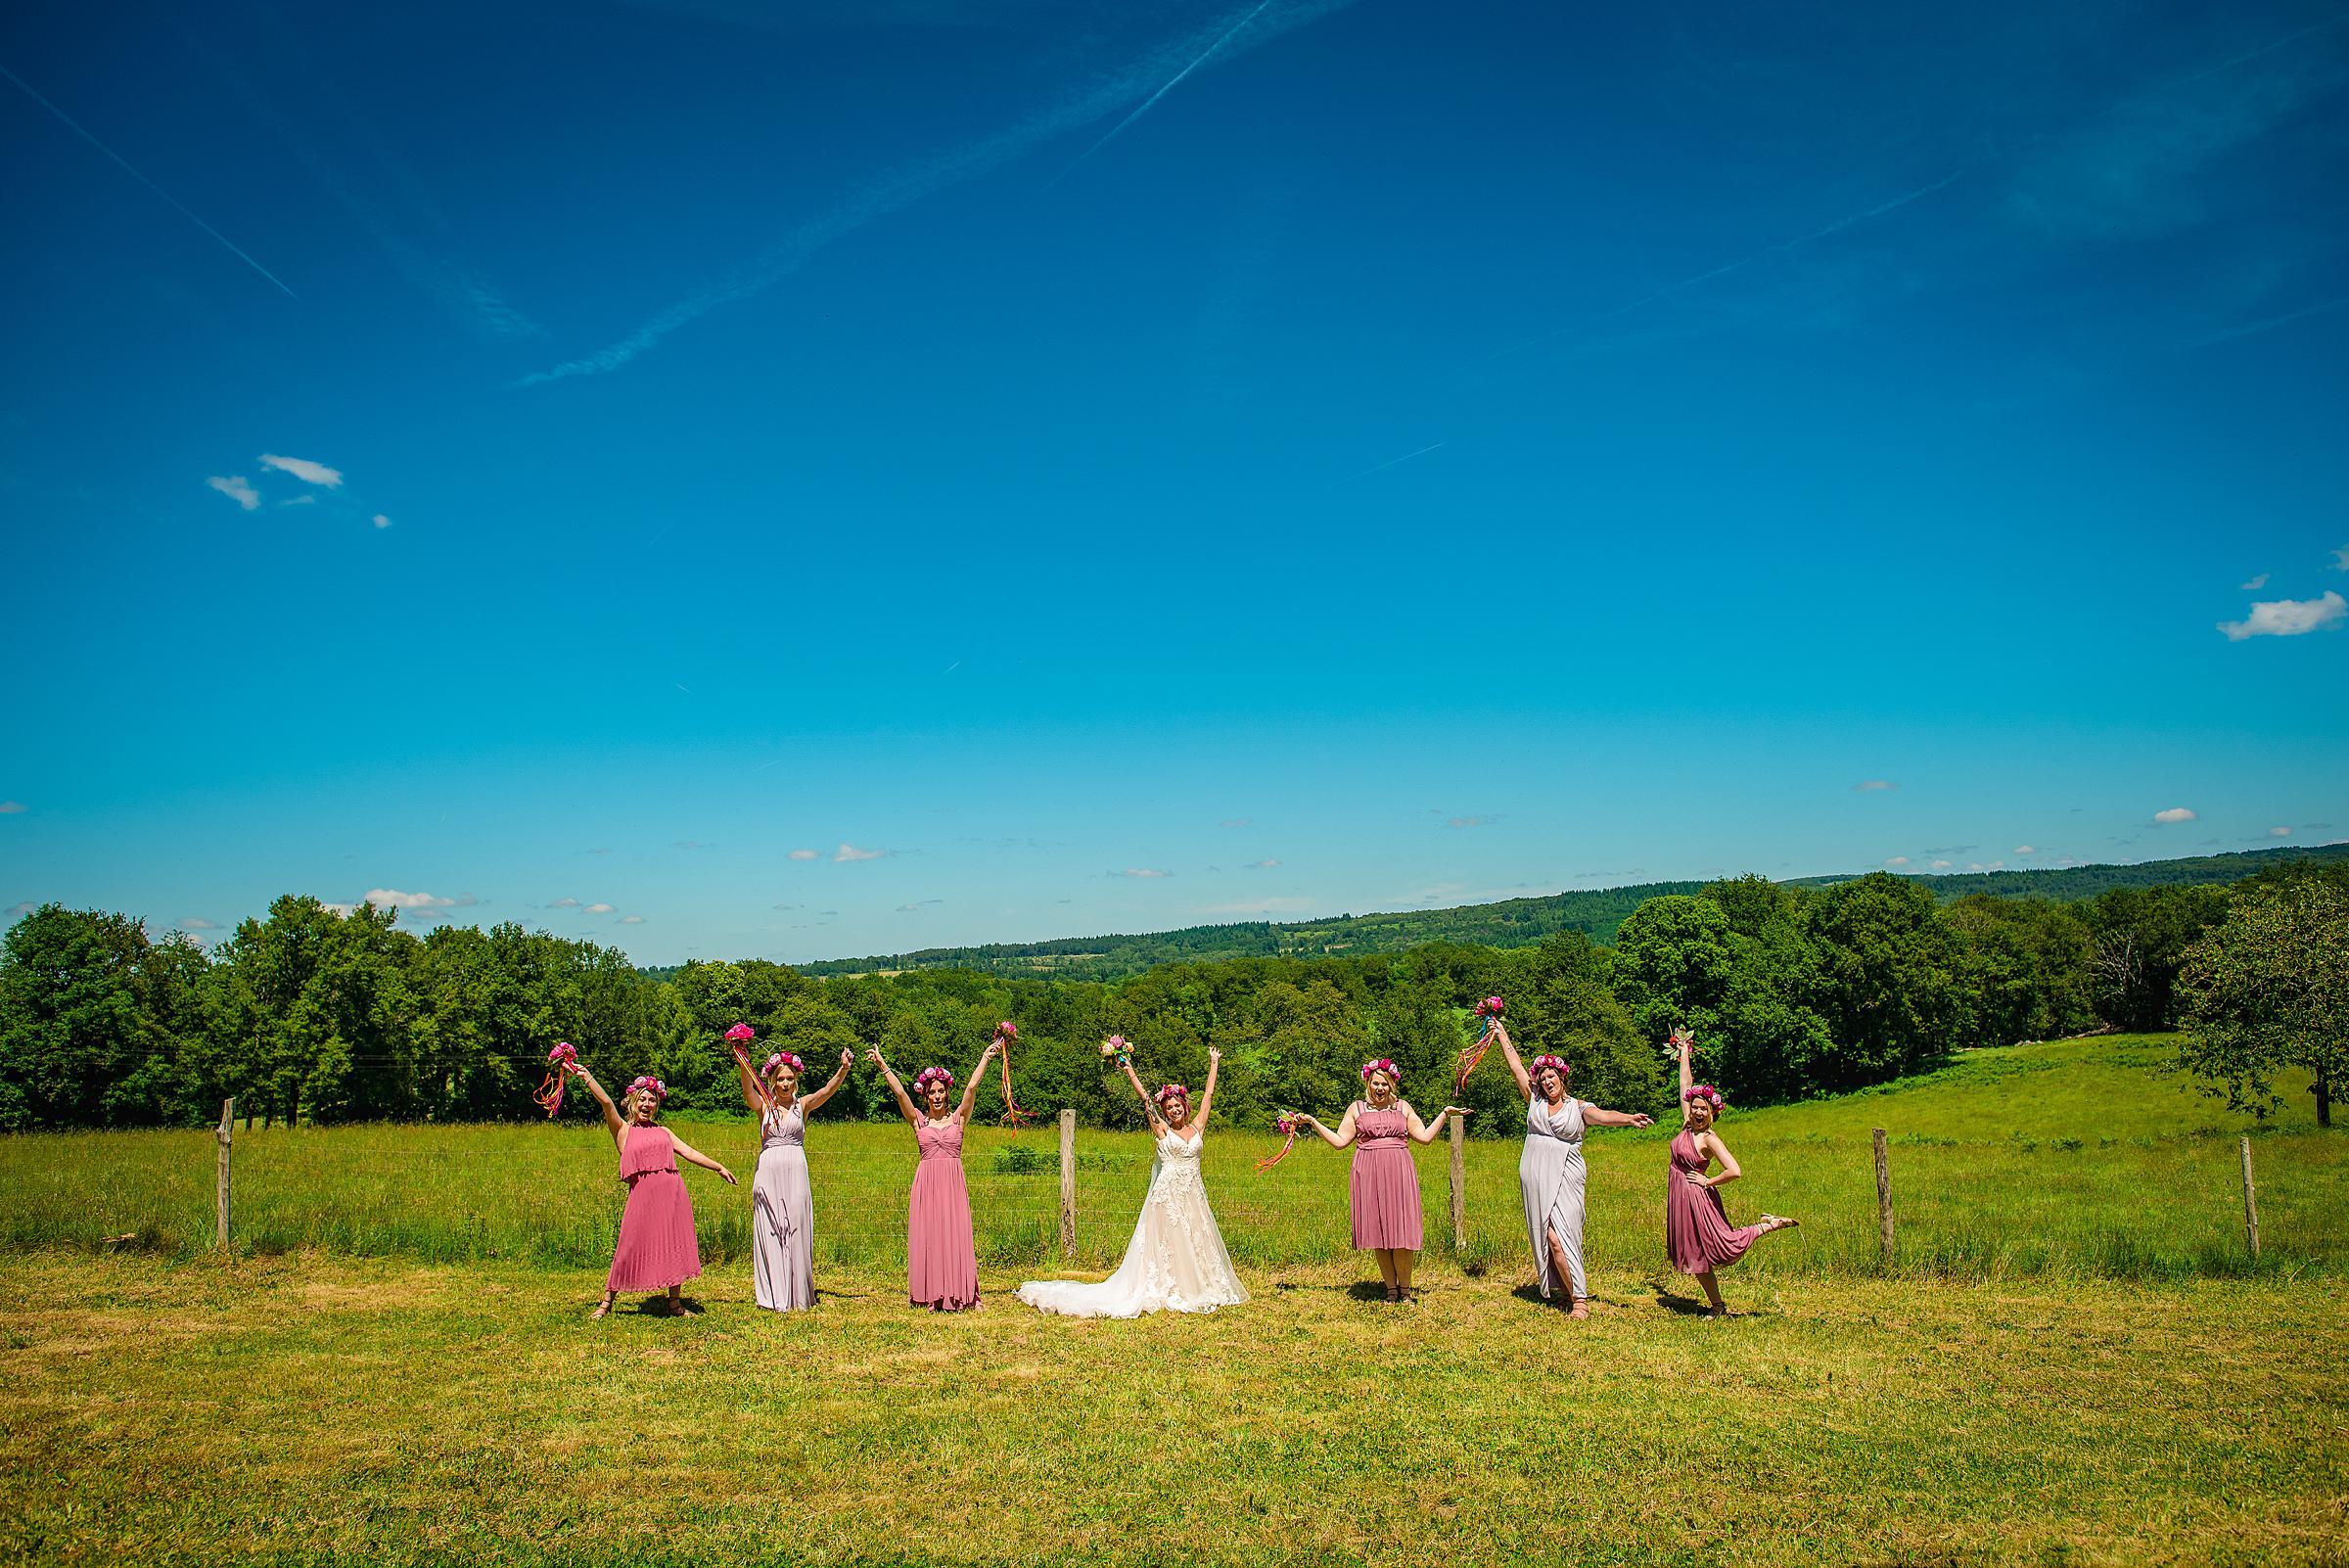 Back Garden Festival Wedding in France - Bridesmaids